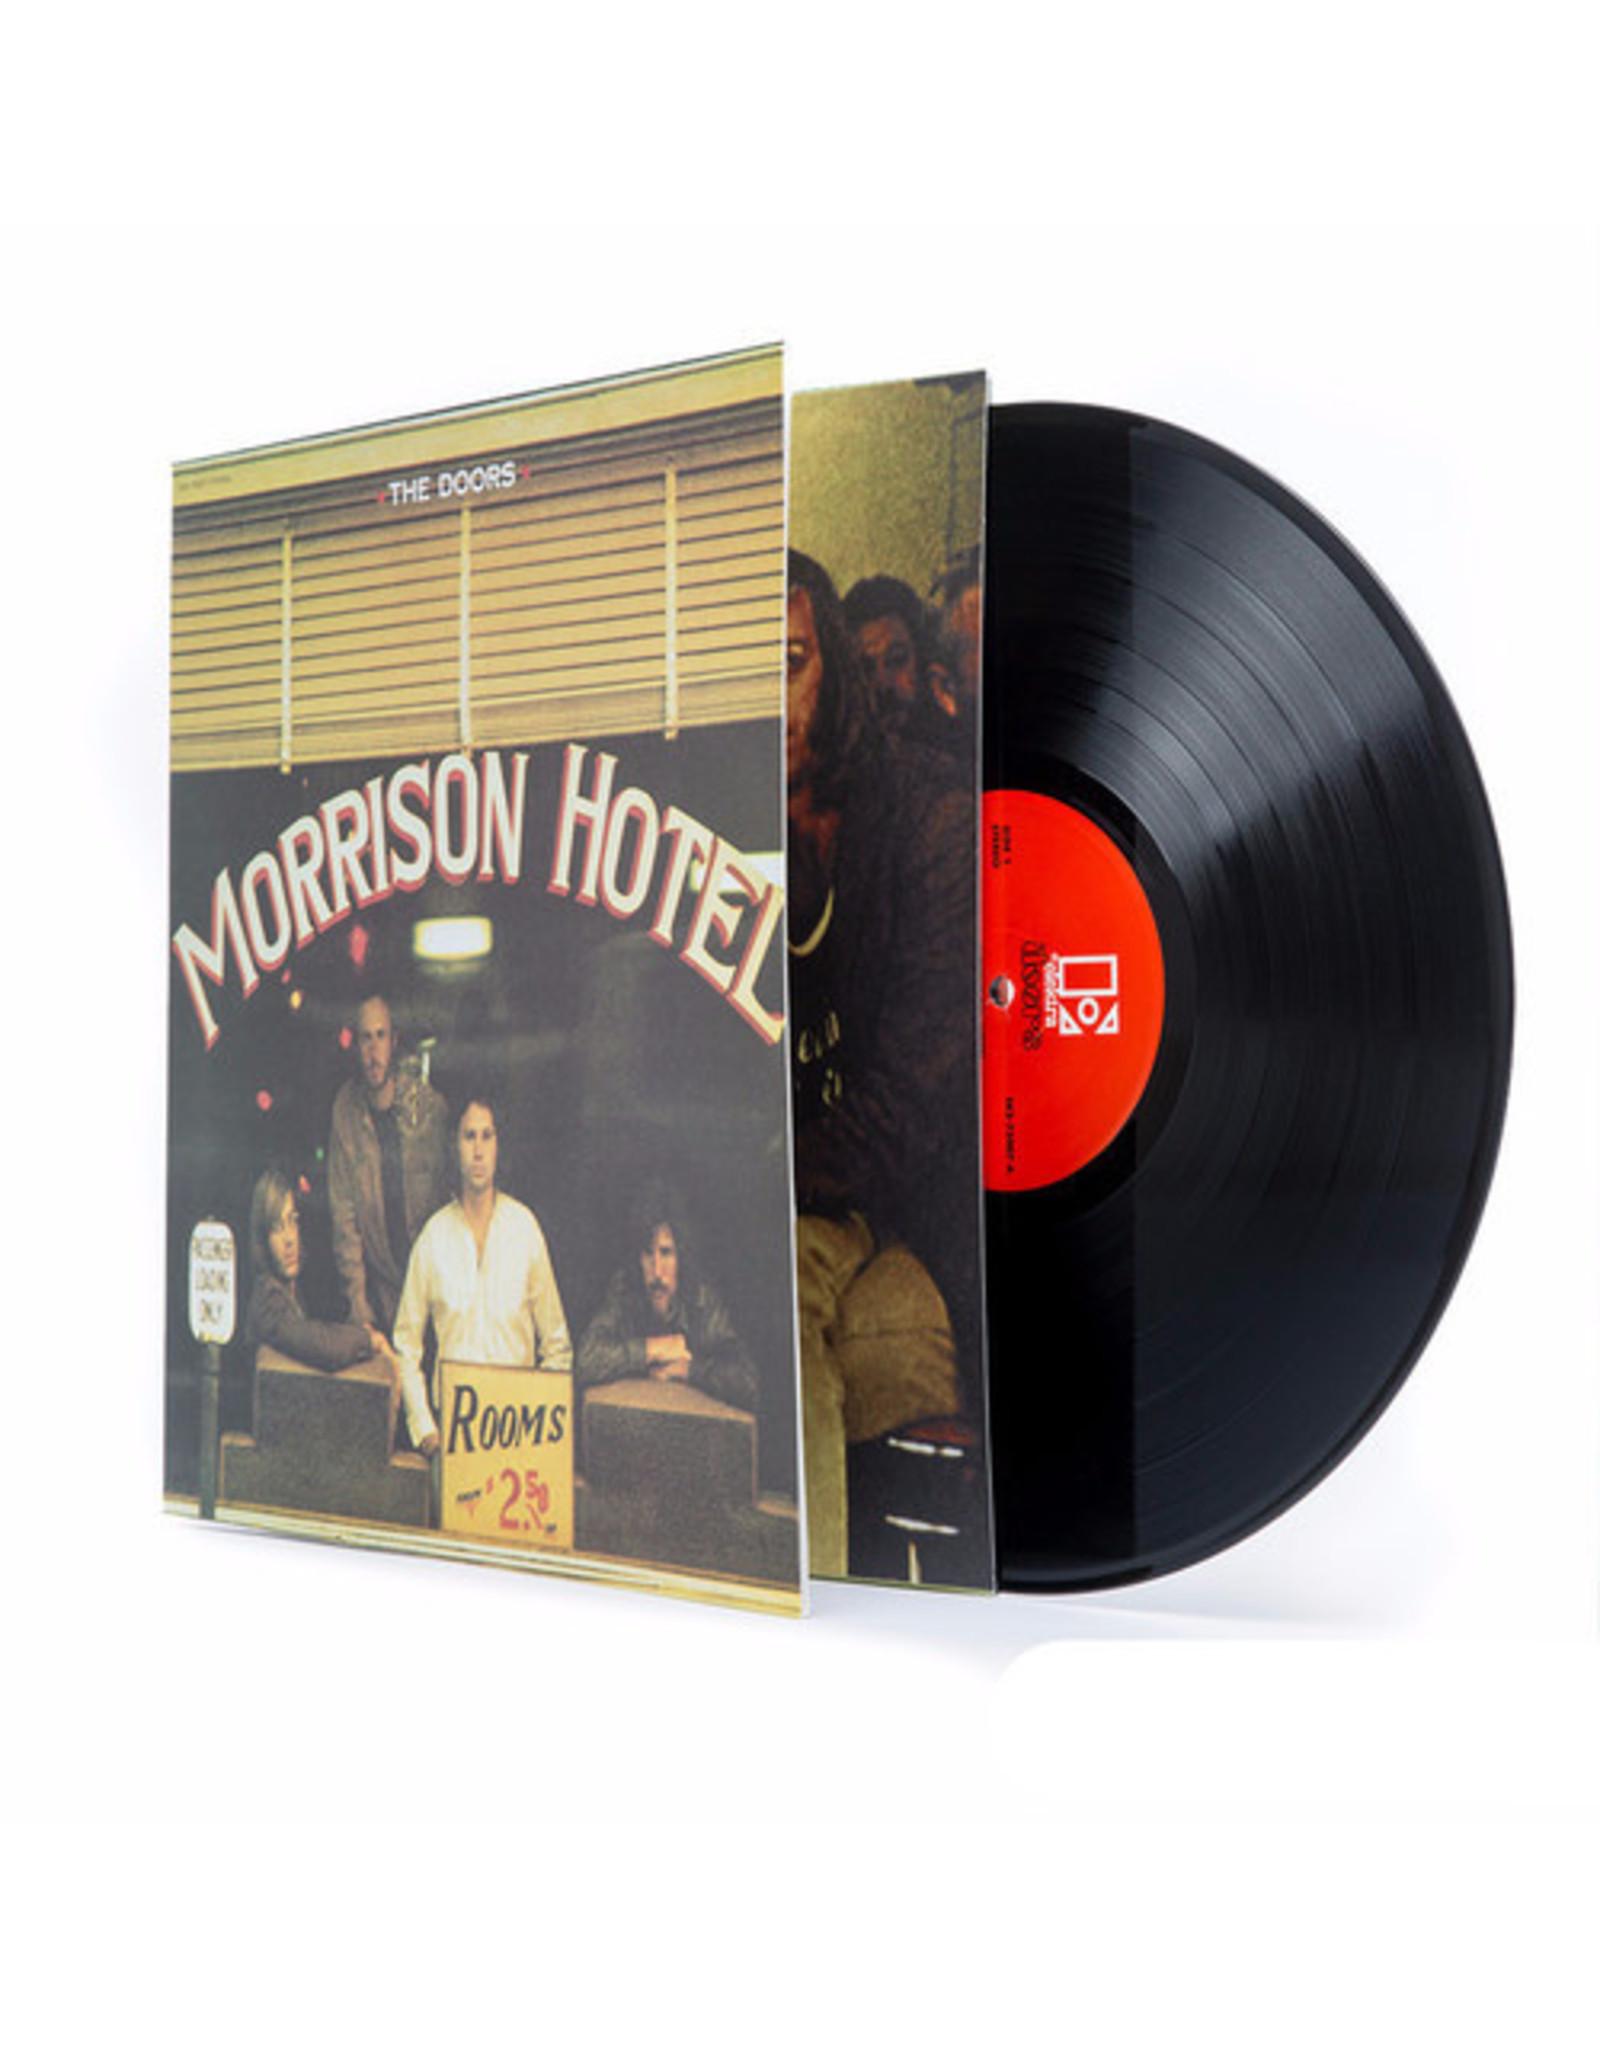 New Vinyl The Doors - Morrison Hotel LP